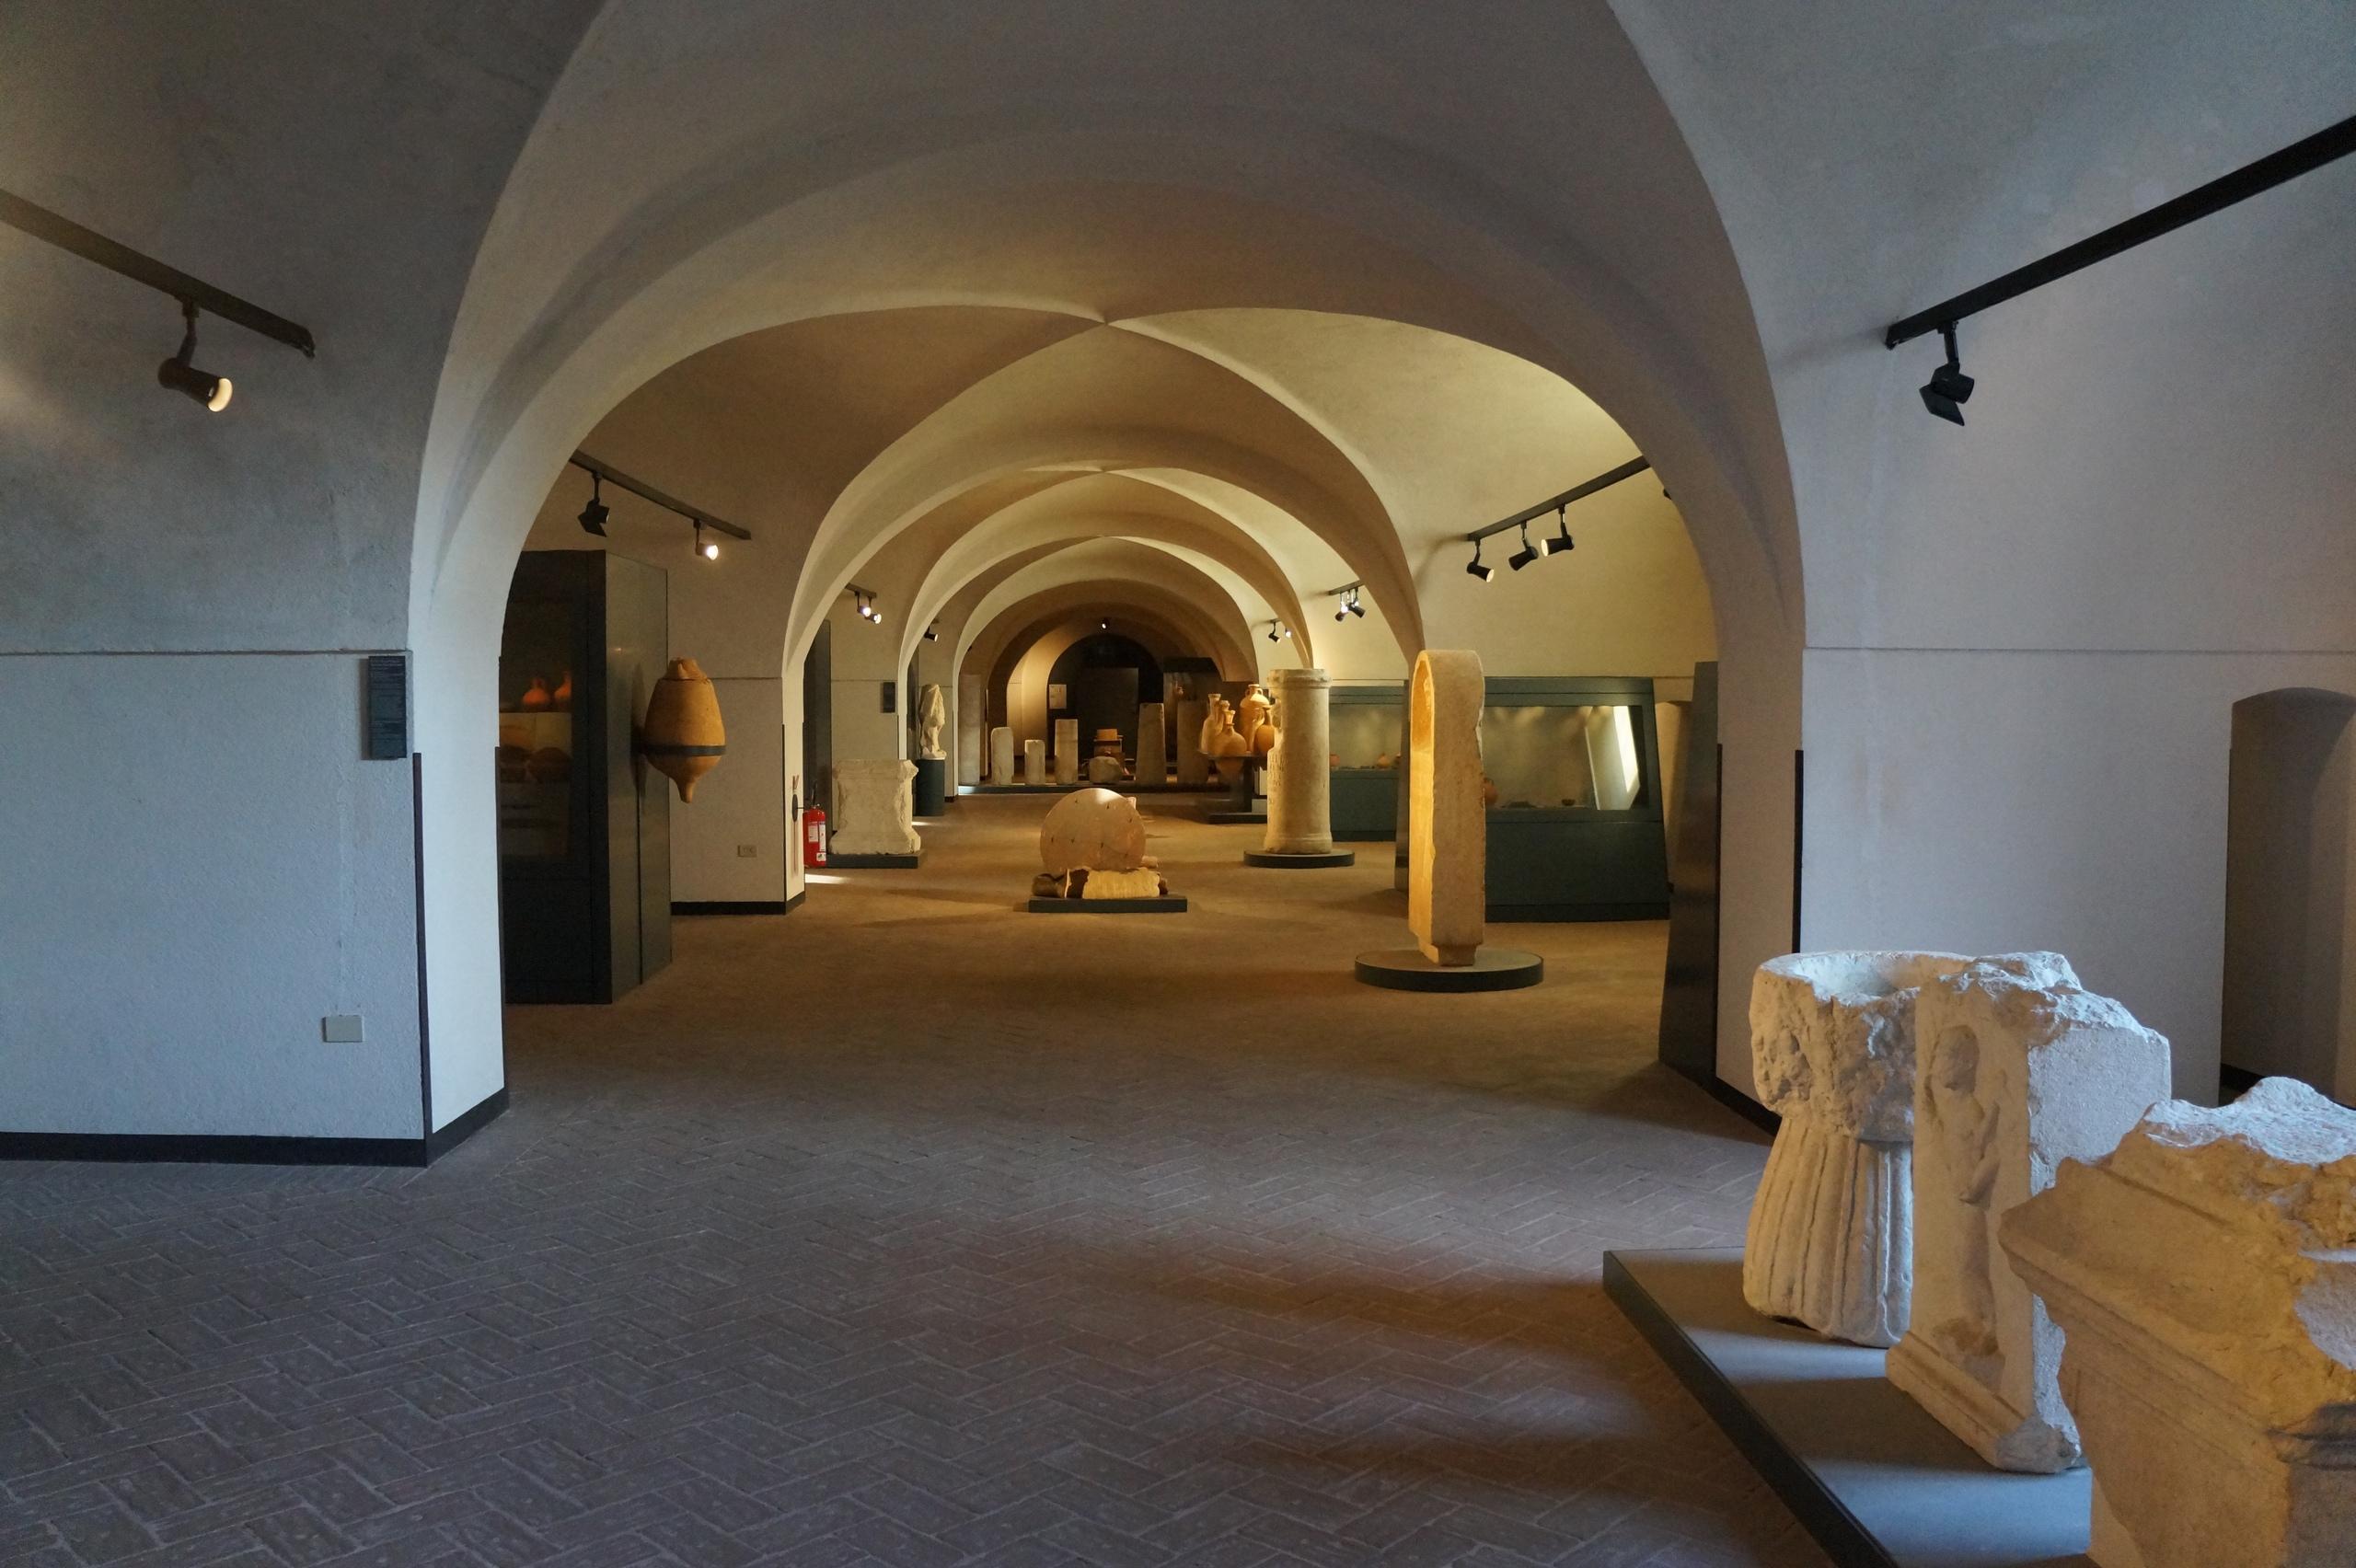 Музей Святой Джулии в Брешии - история тысячелетий в одном здании